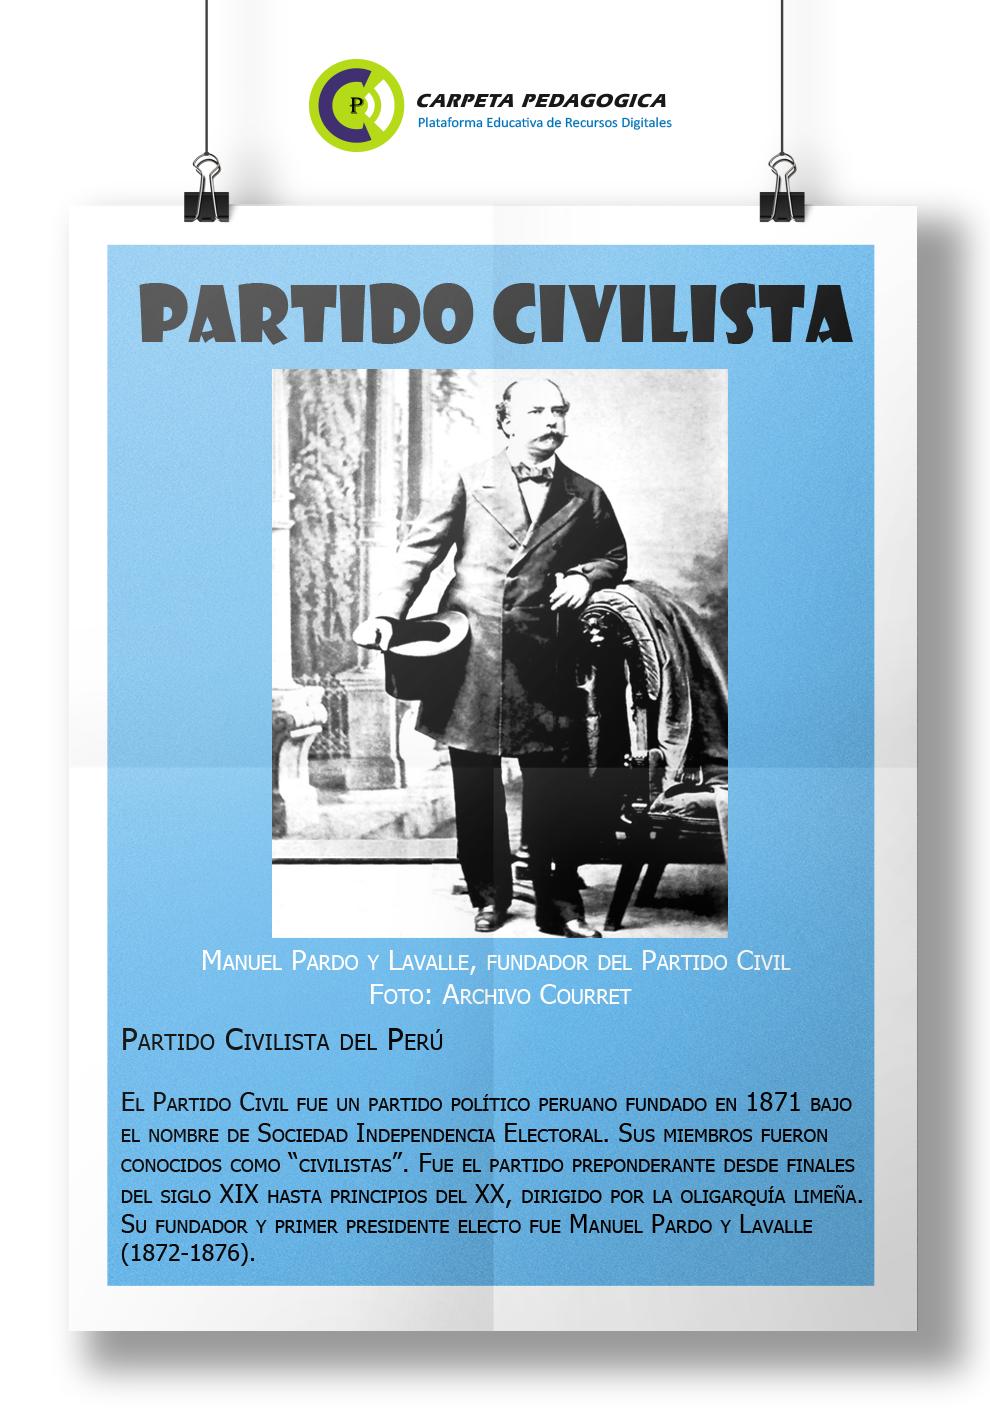 Partido Civil del Perú - Manuel Pardo y Lavalle